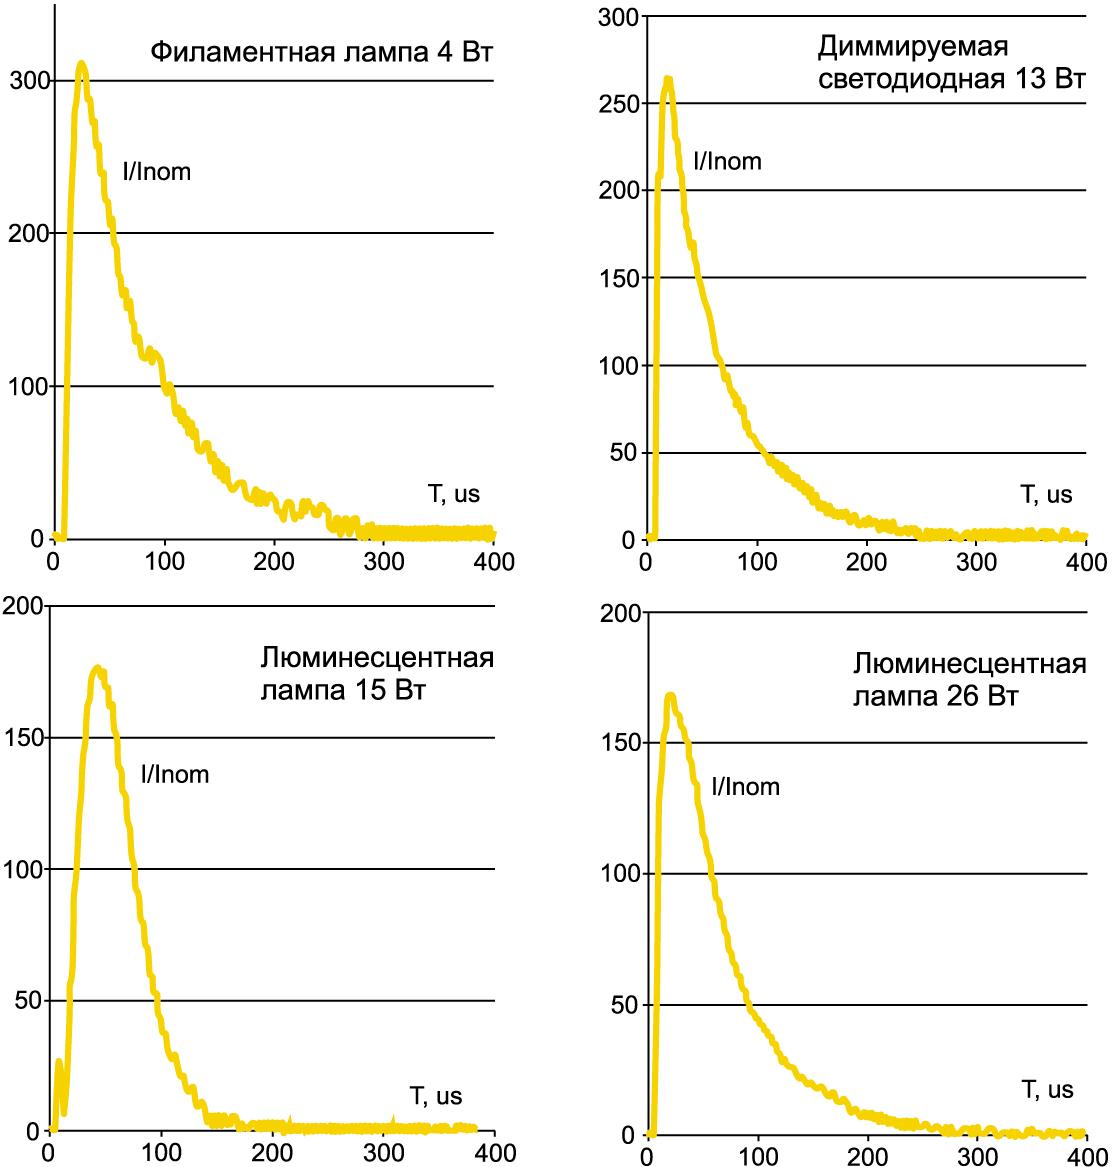 Кратность амплитудного значения импульса тока (I) по отношению к рабочему току (Inom) при включении LED-ламп